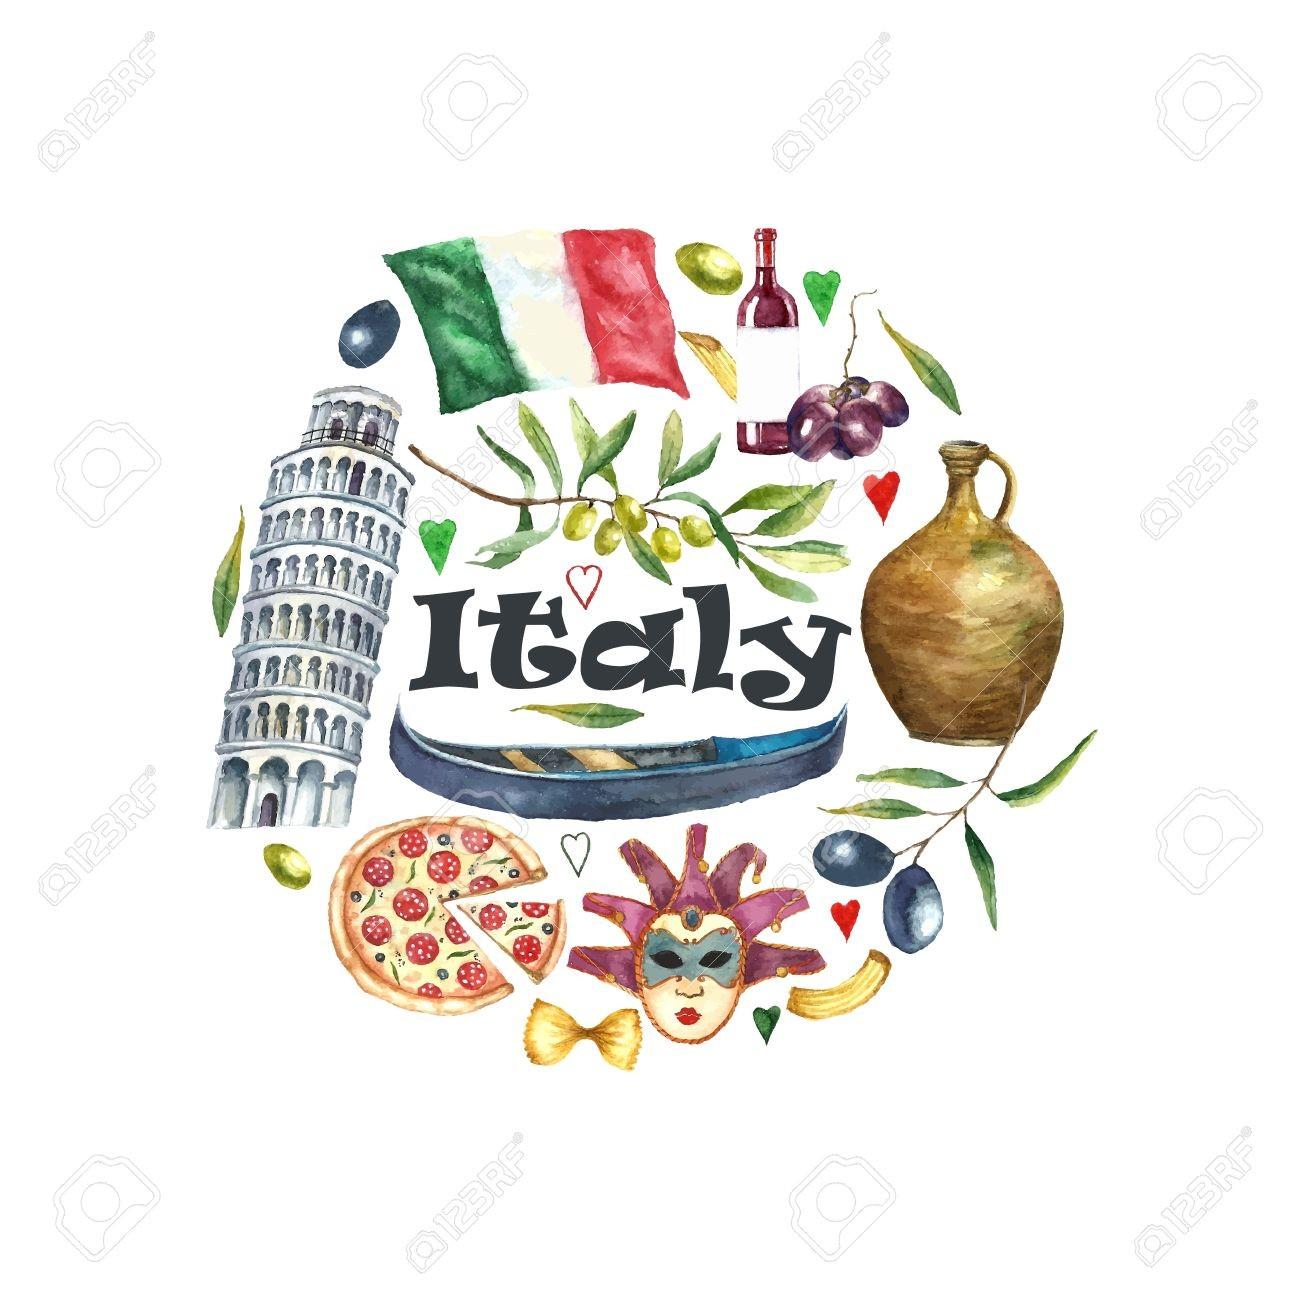 Italien facile (7)